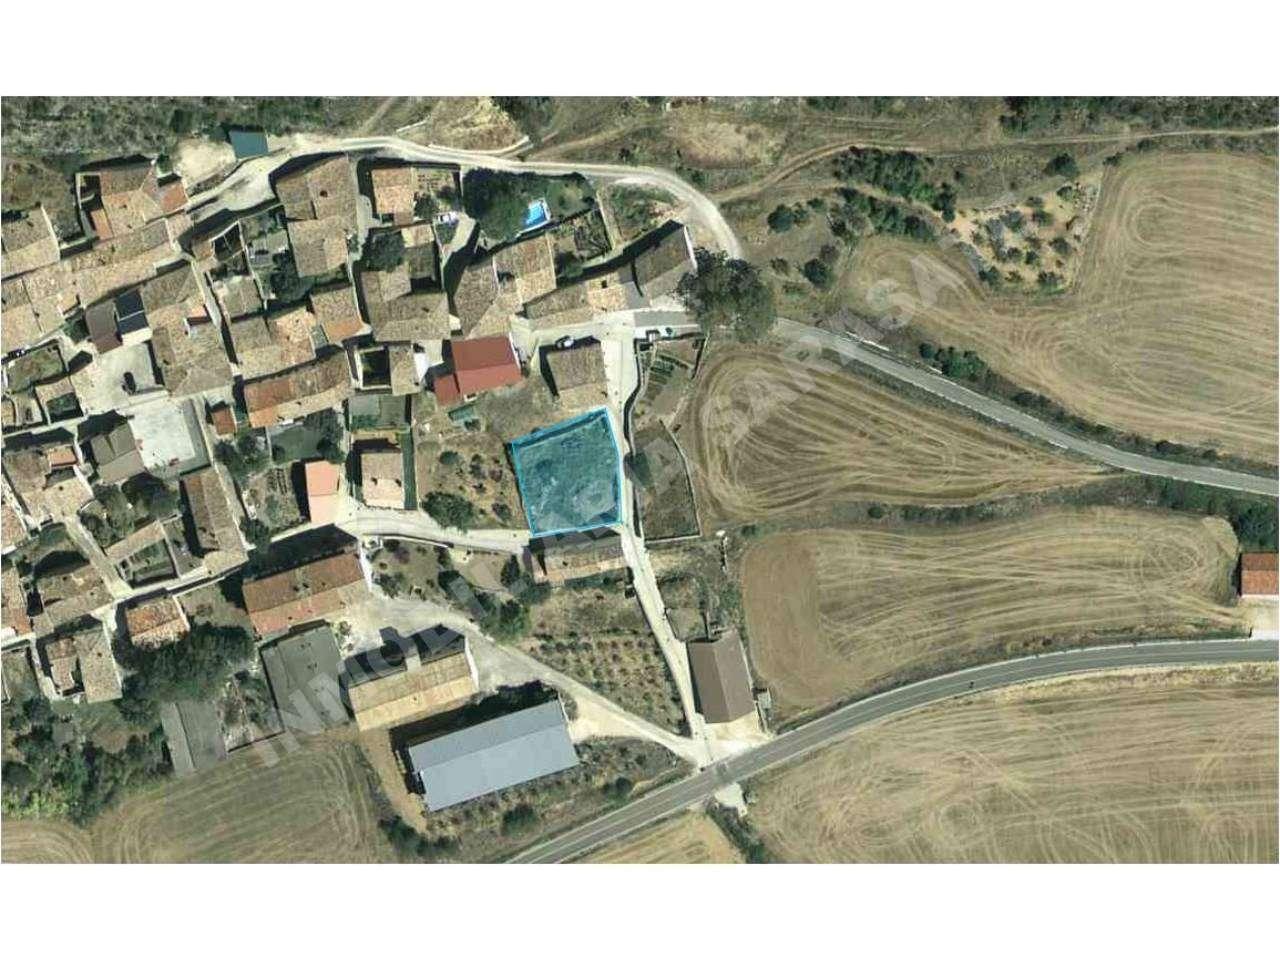 VENTA DE PARCELA EN C/ BAJERA, PIEDRAMILLERA | REF. (003426)